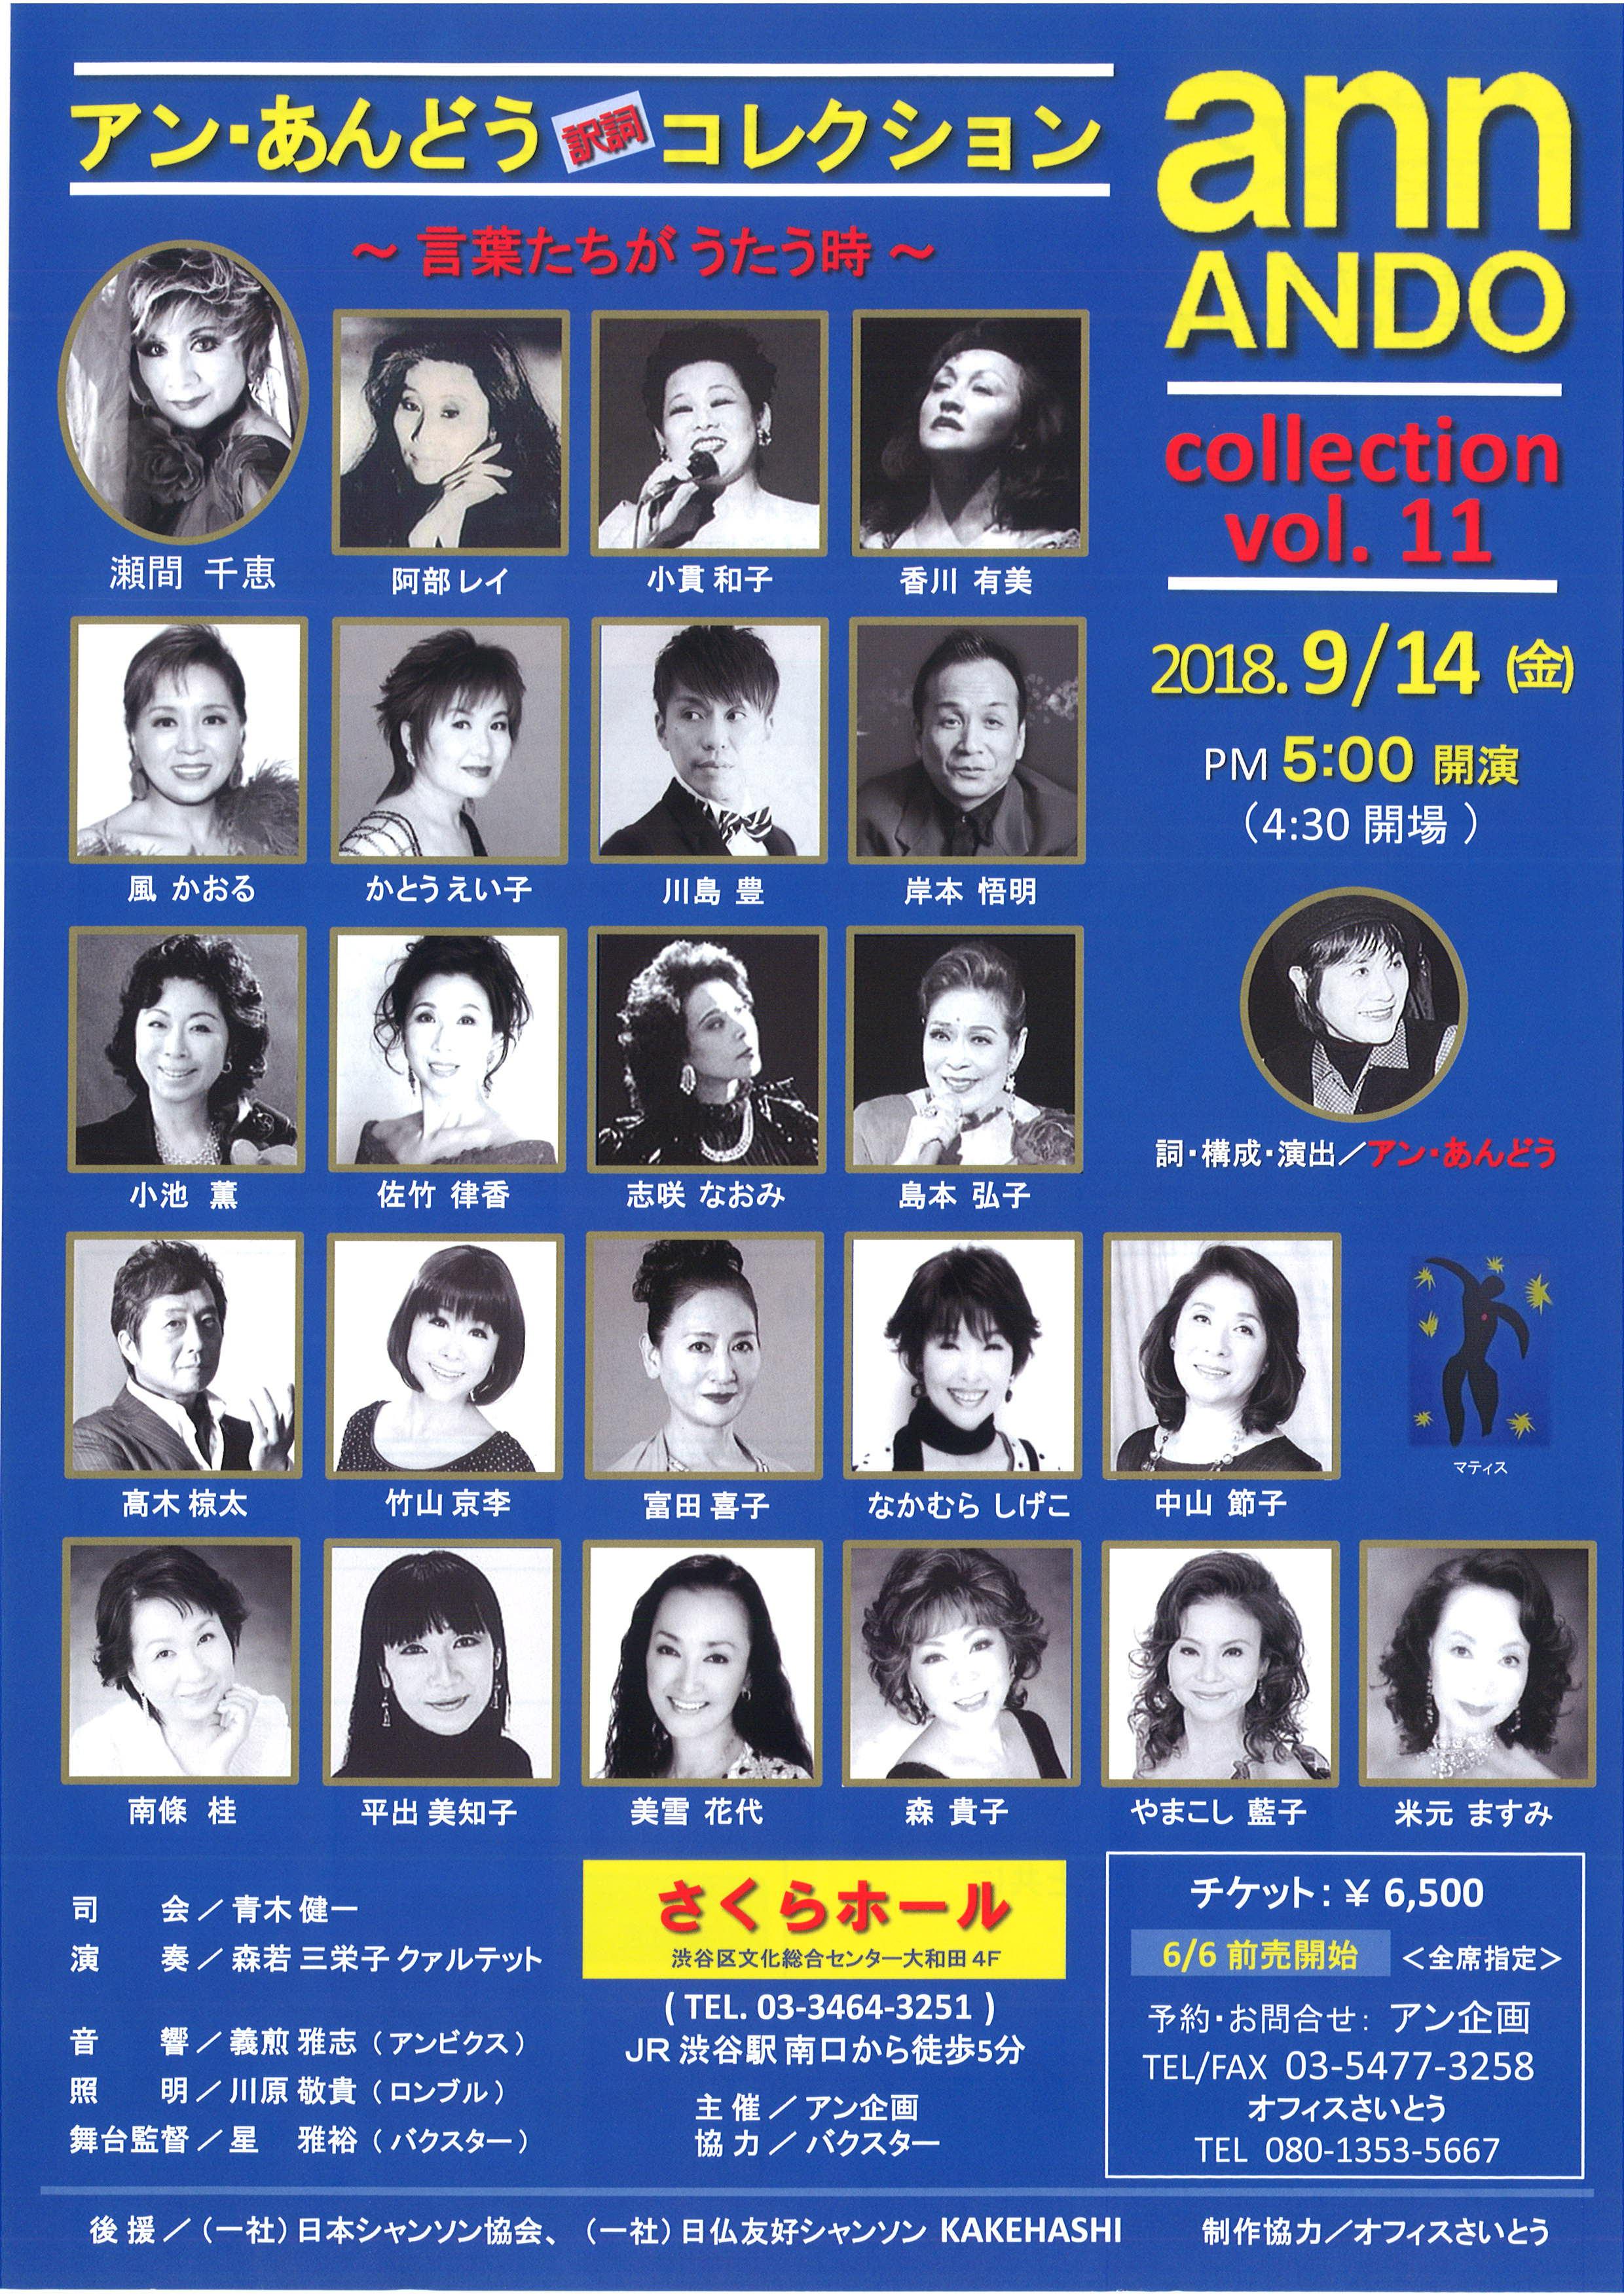 ann・ANDO collection vol.11.jpg